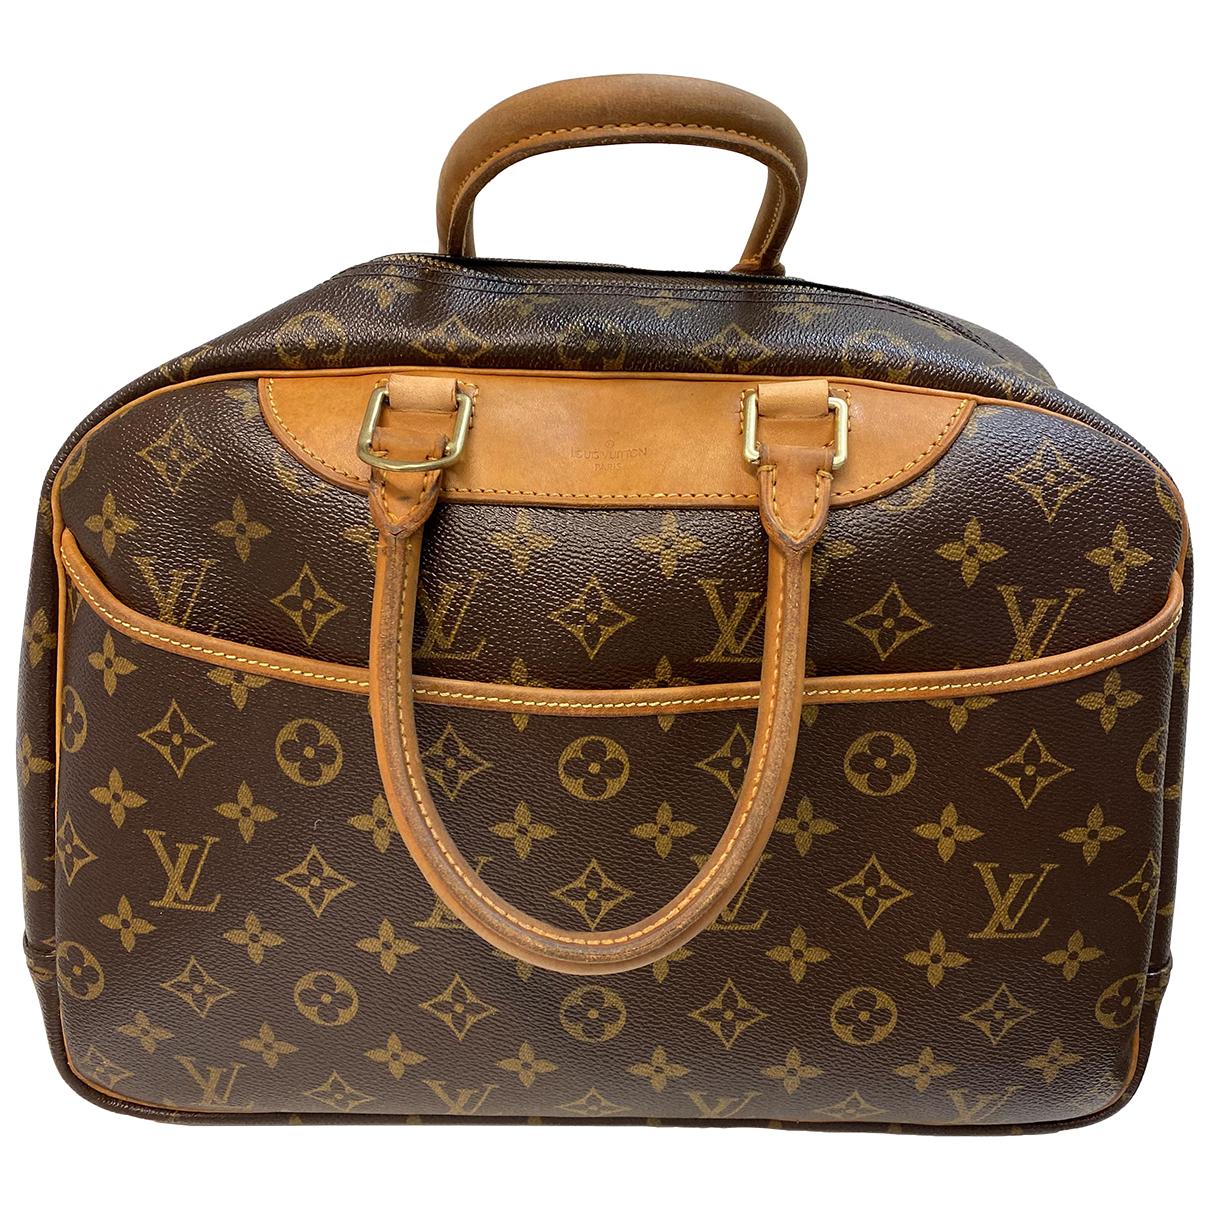 Louis Vuitton - Sac de voyage Deauville pour femme en toile - marron